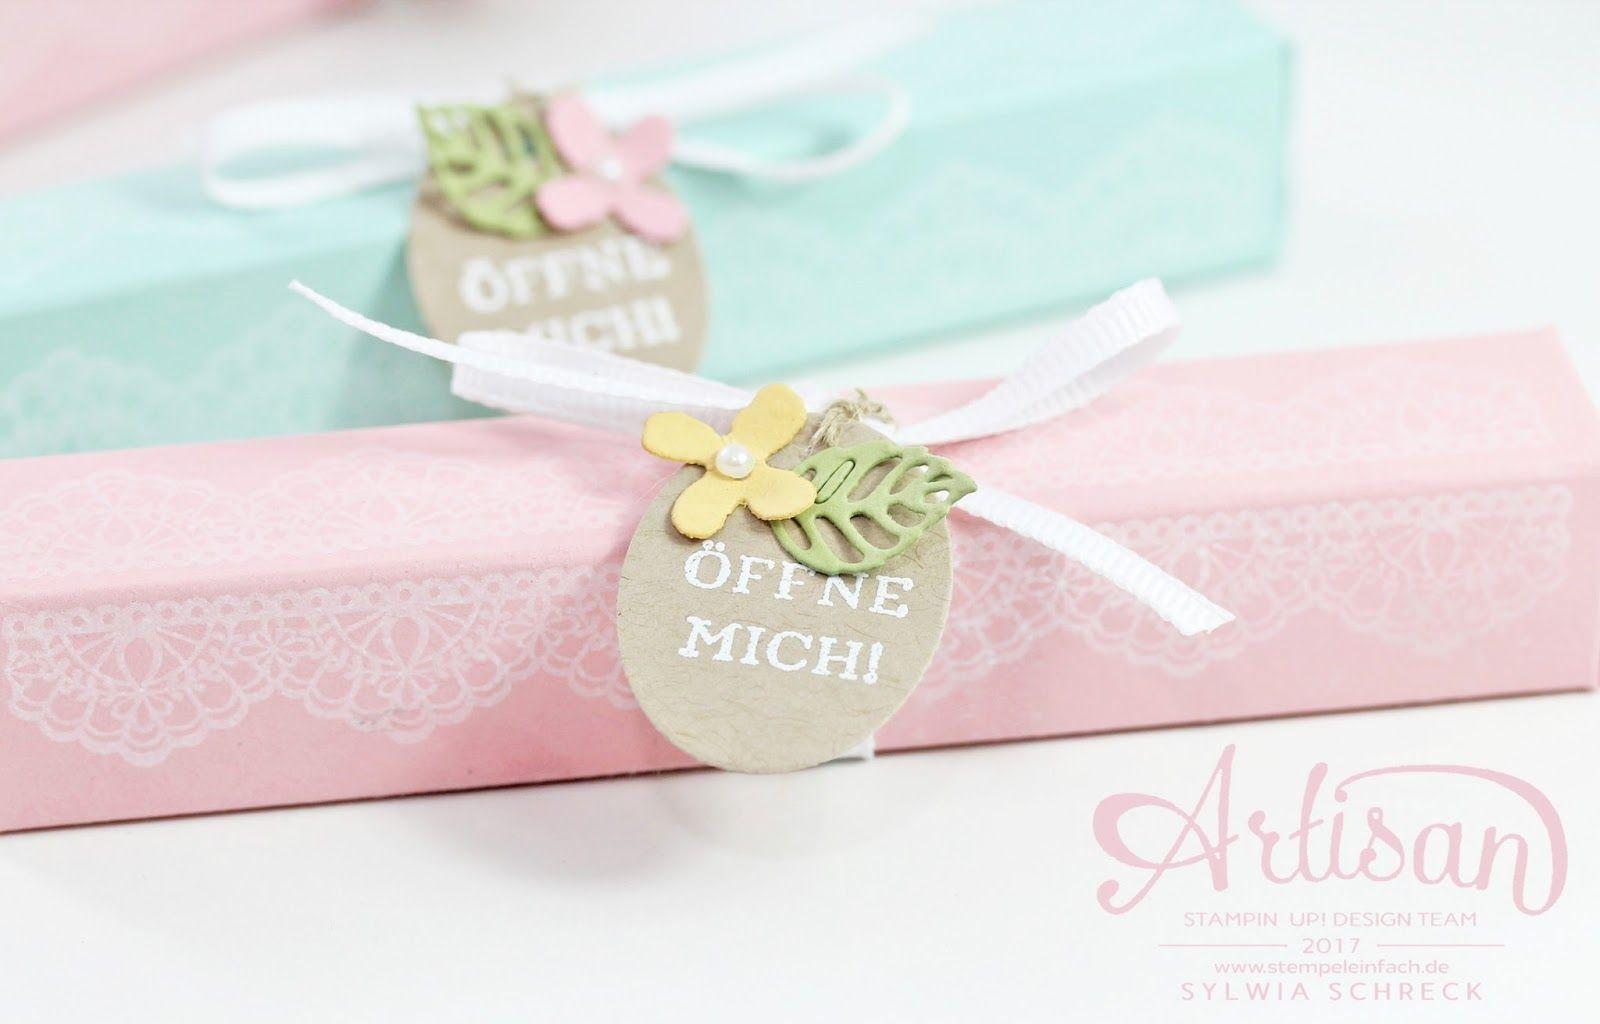 Box Basteln tisch geschenke mit delicate details stin up gift box ideas